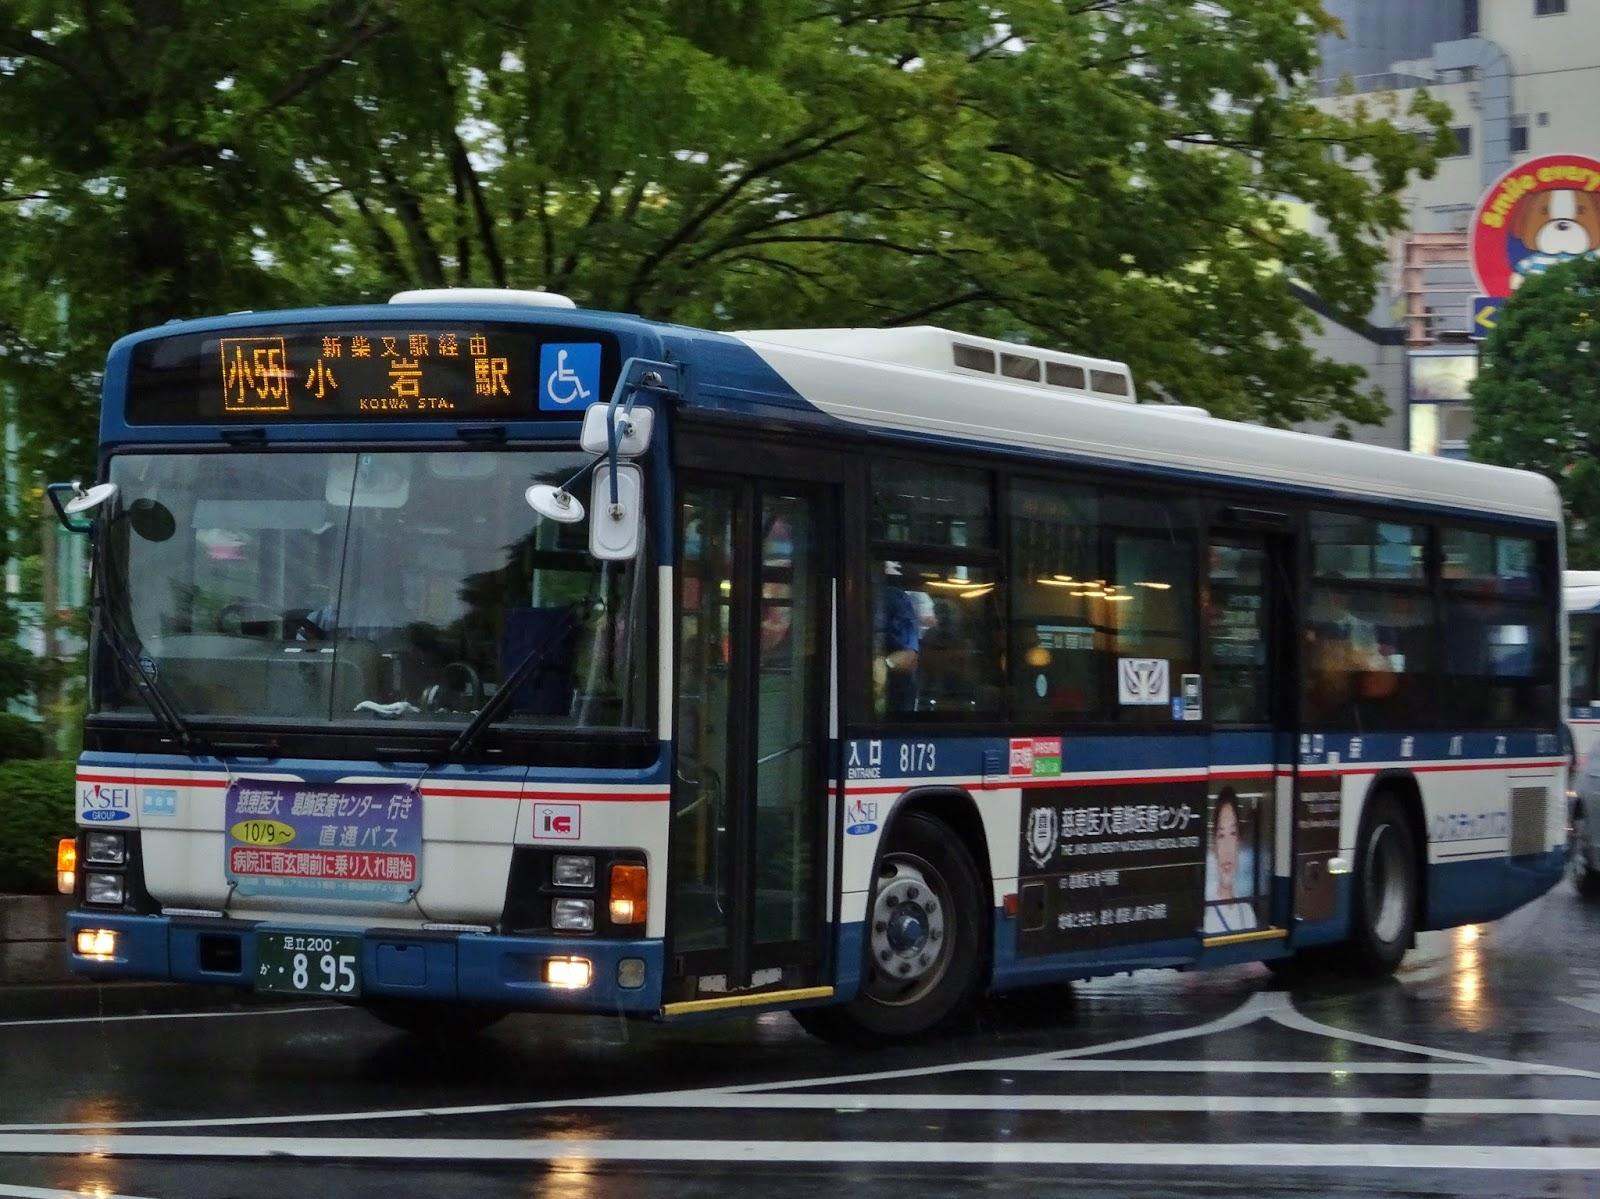 広島のバス: 京成バス 足立200か...